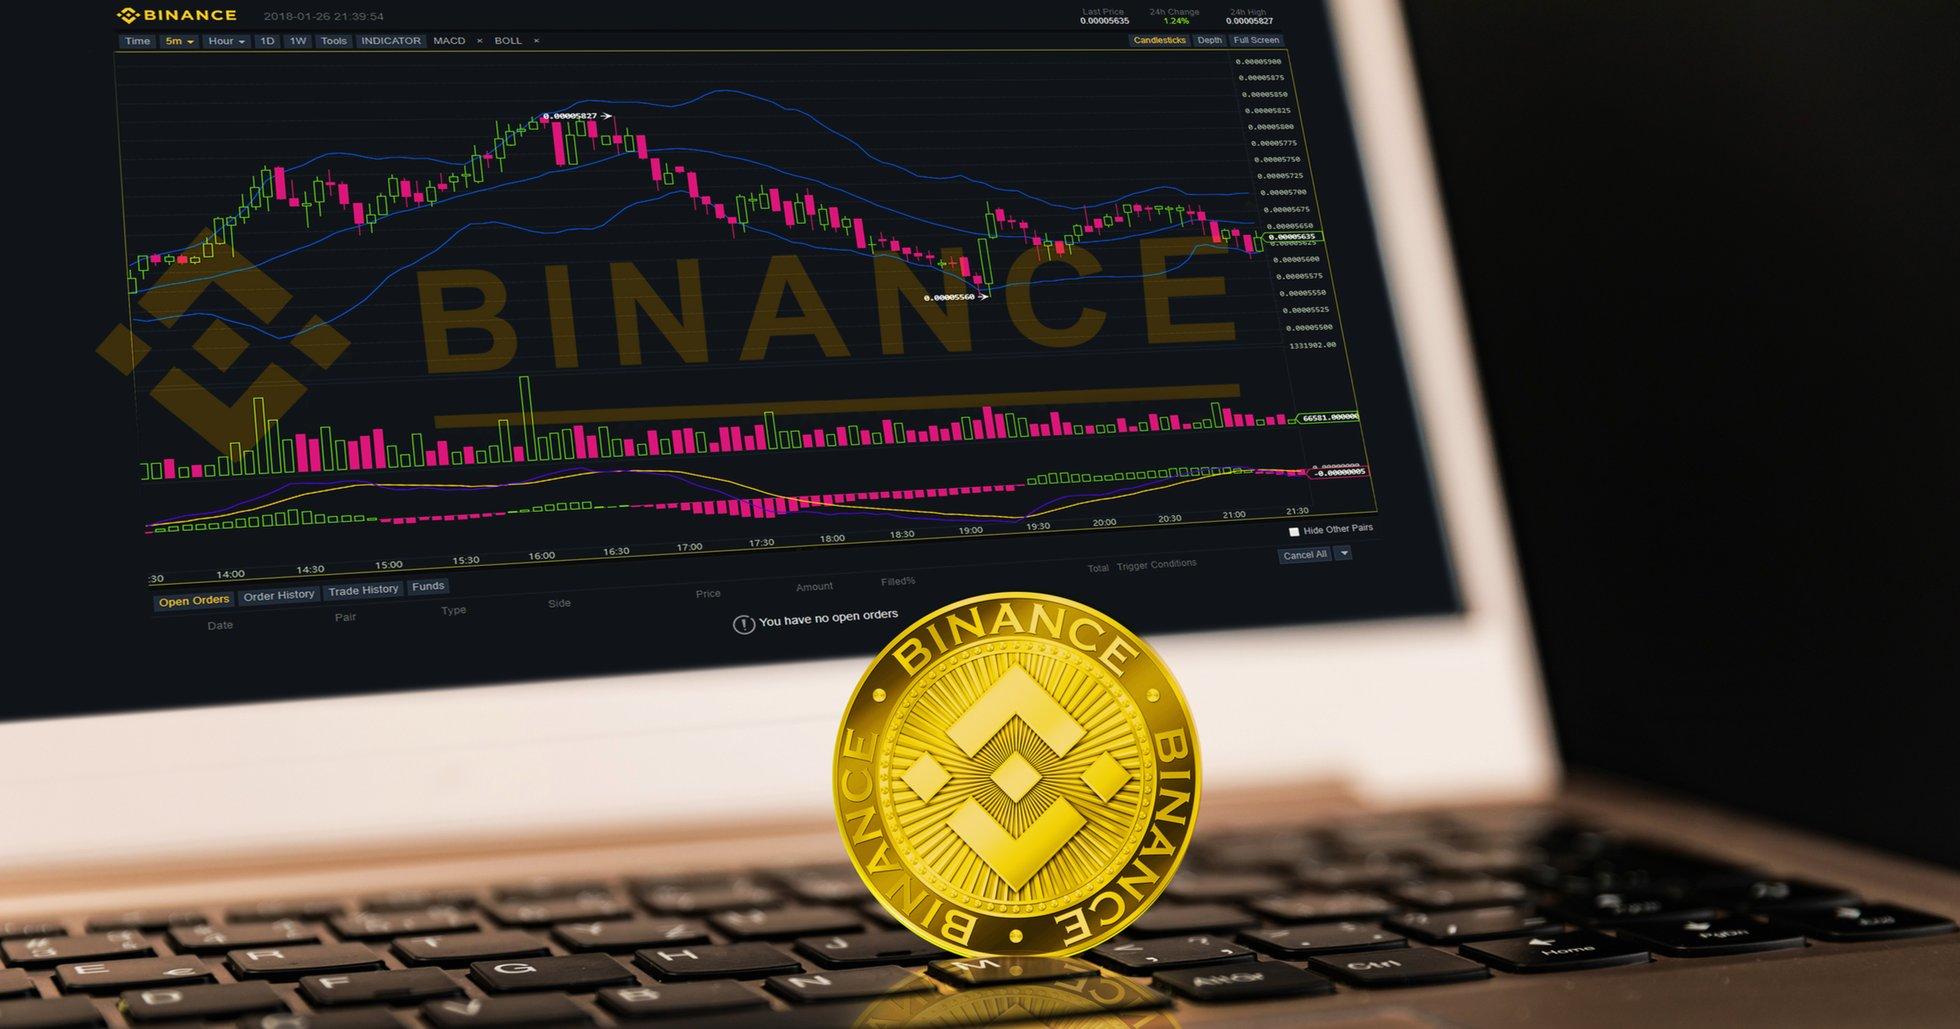 Nu kan du handla binance coin – på europeisk aktiebörs.